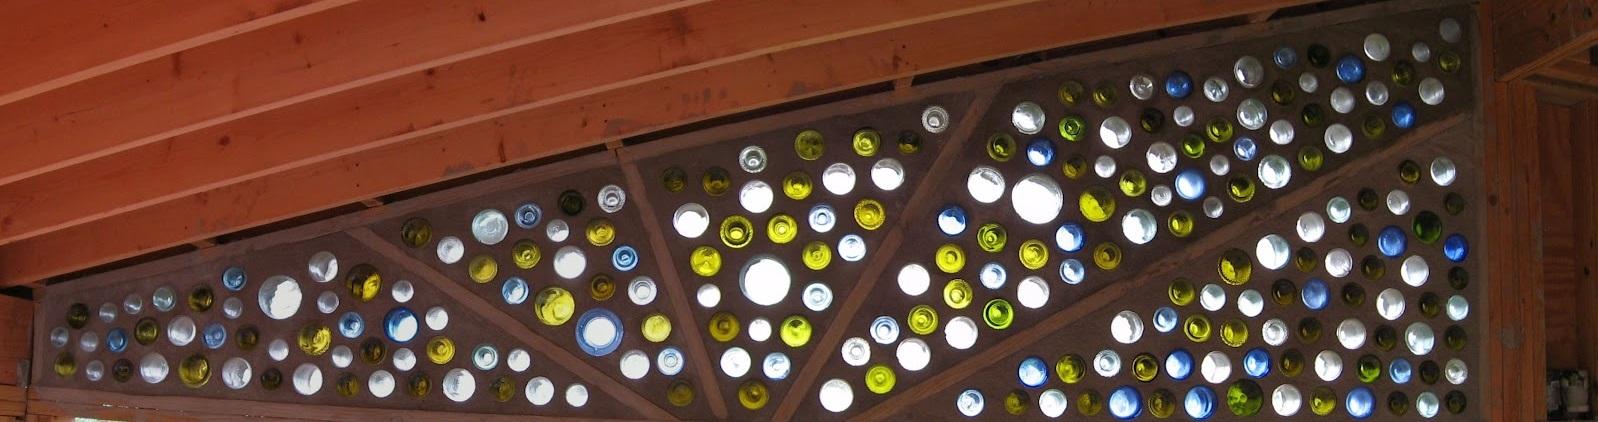 Bottle wall 08